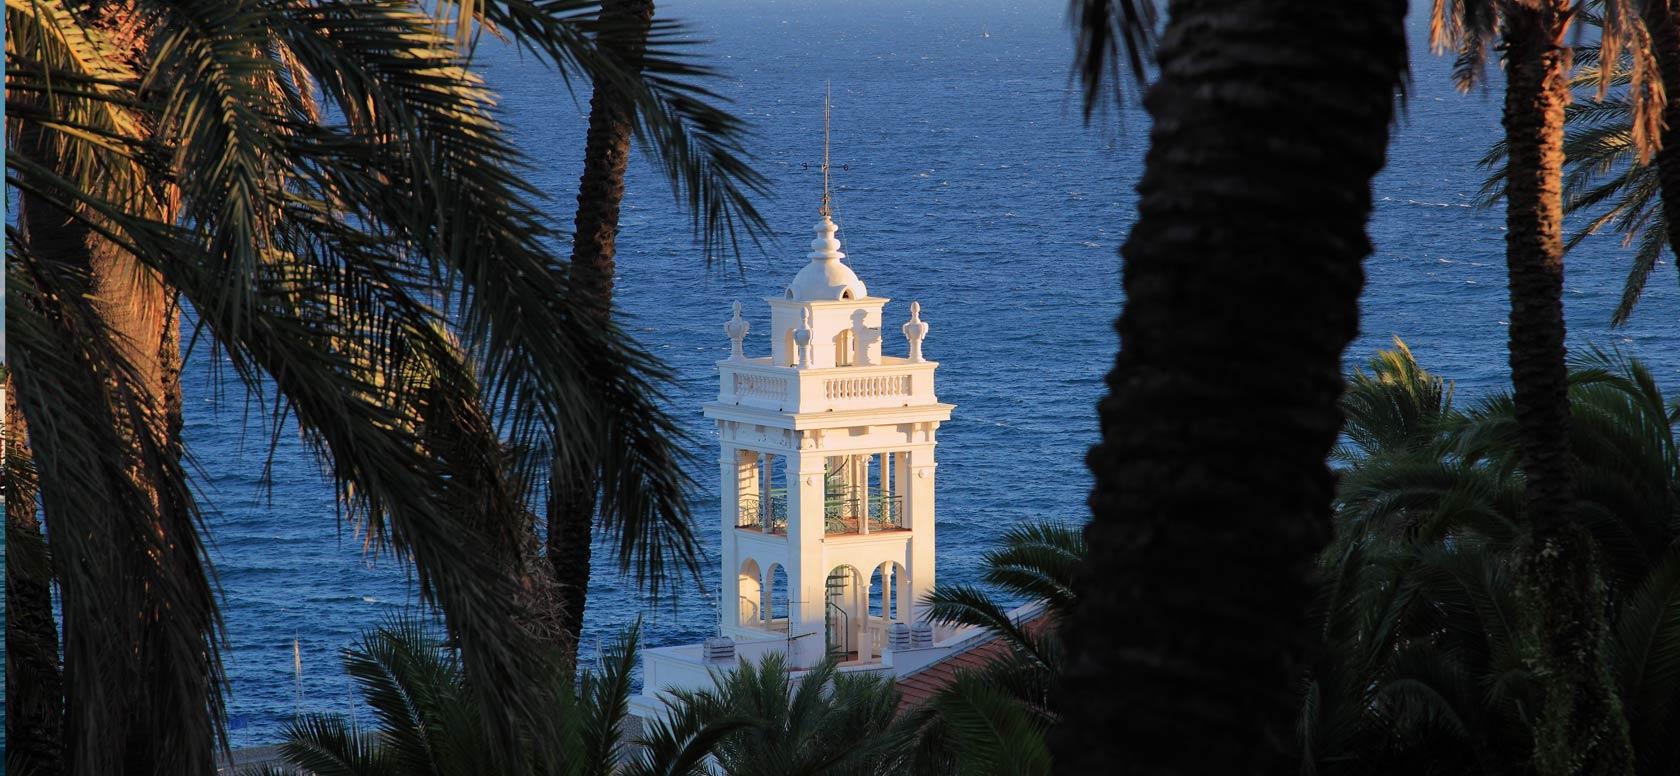 Albergo Bordighera | Hotel Bordighera | Offerta pernottamento Bordighera | Offerta Vacanze Bordighera | Vacanze last minute Bordighera | ALBERGO HOTEL ROSALIA